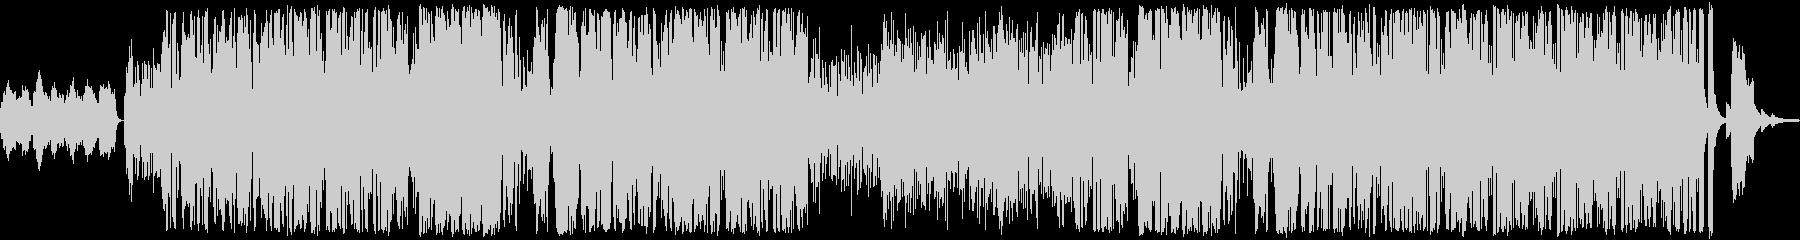 ジャズサンバ+ポップスの未再生の波形